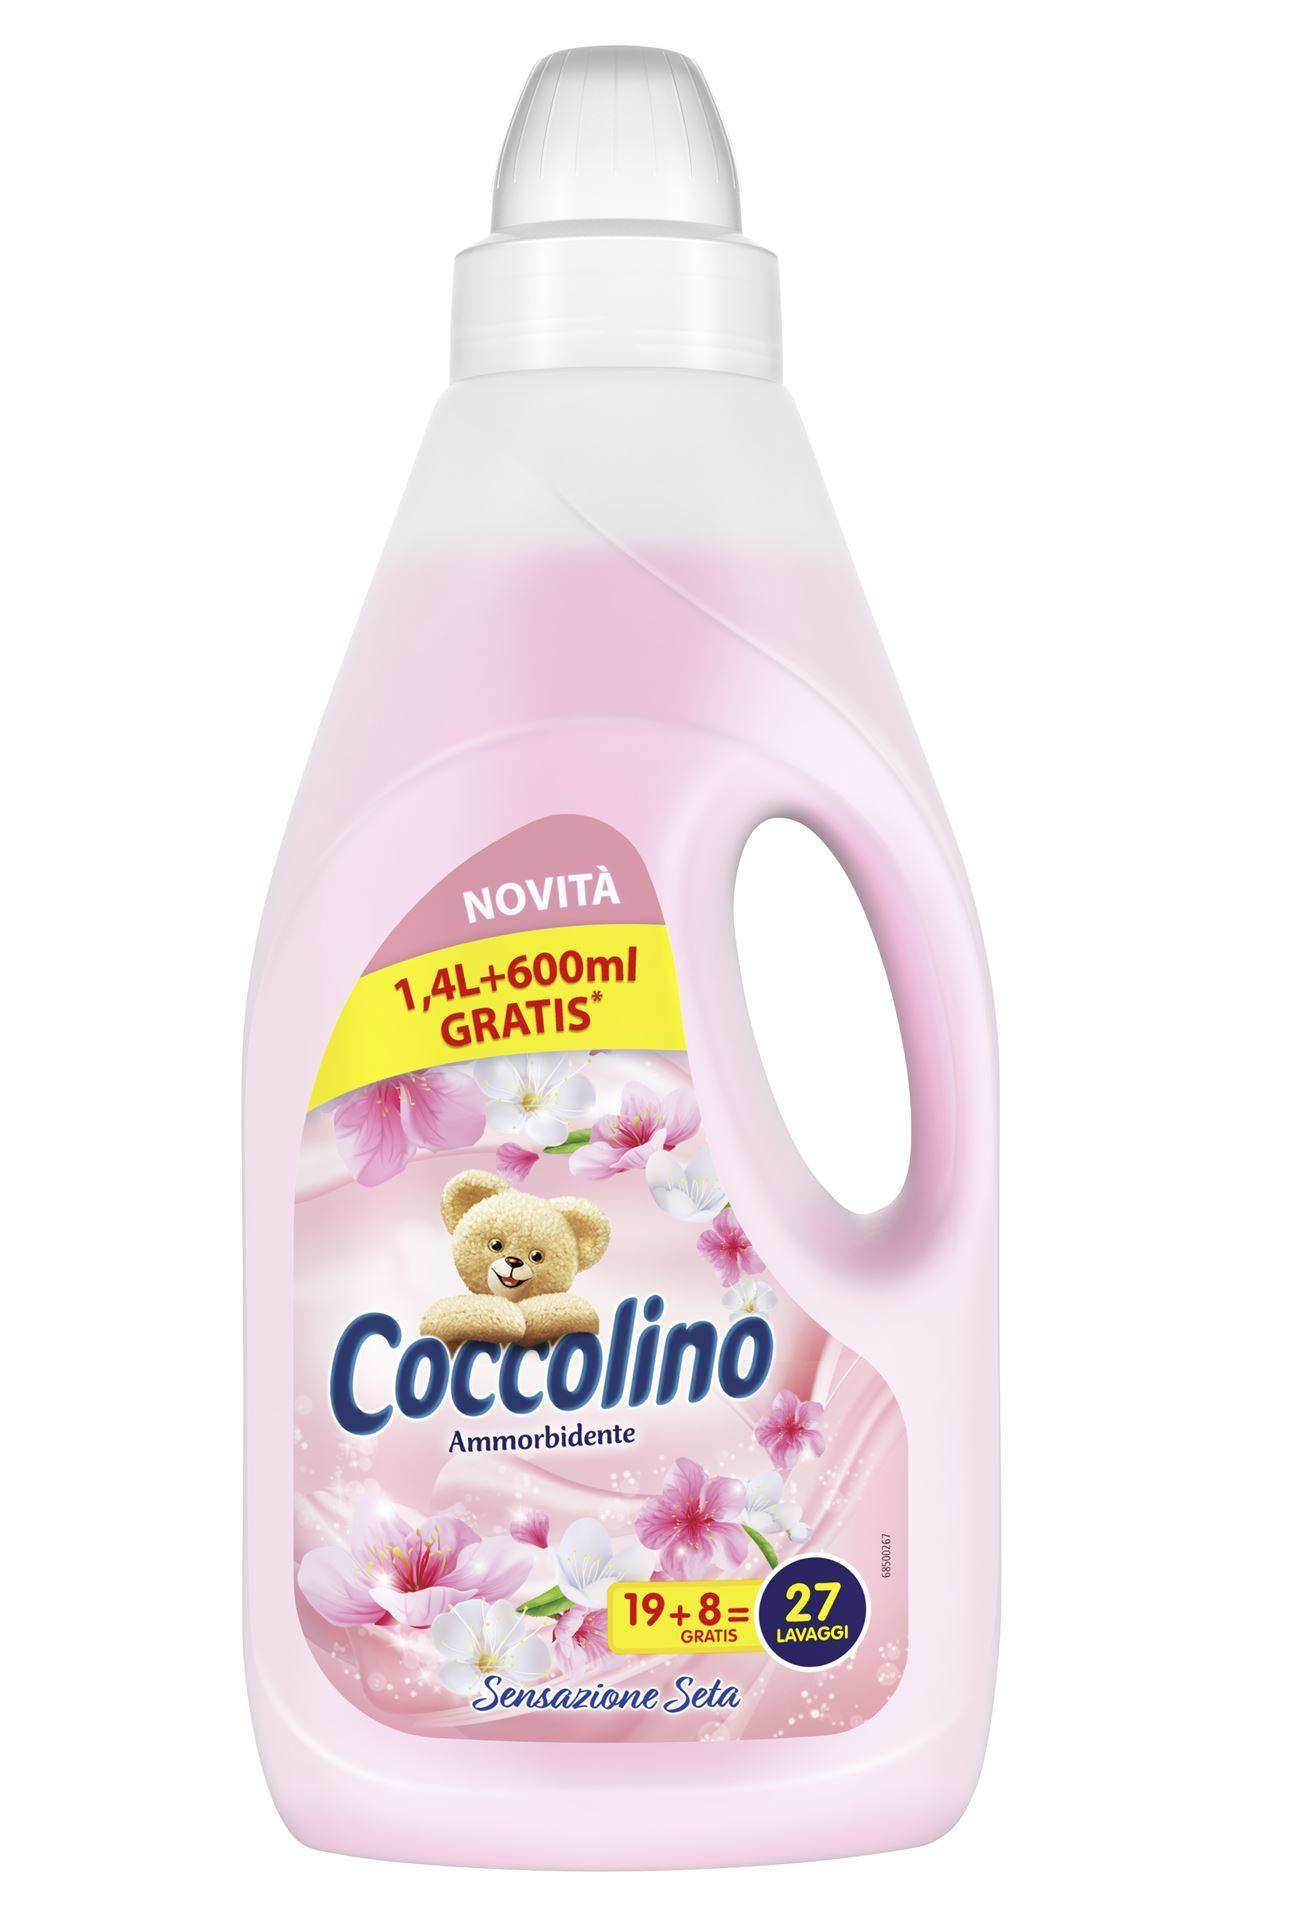 Coccolino aviváž Sensazione Seta, 2 litry